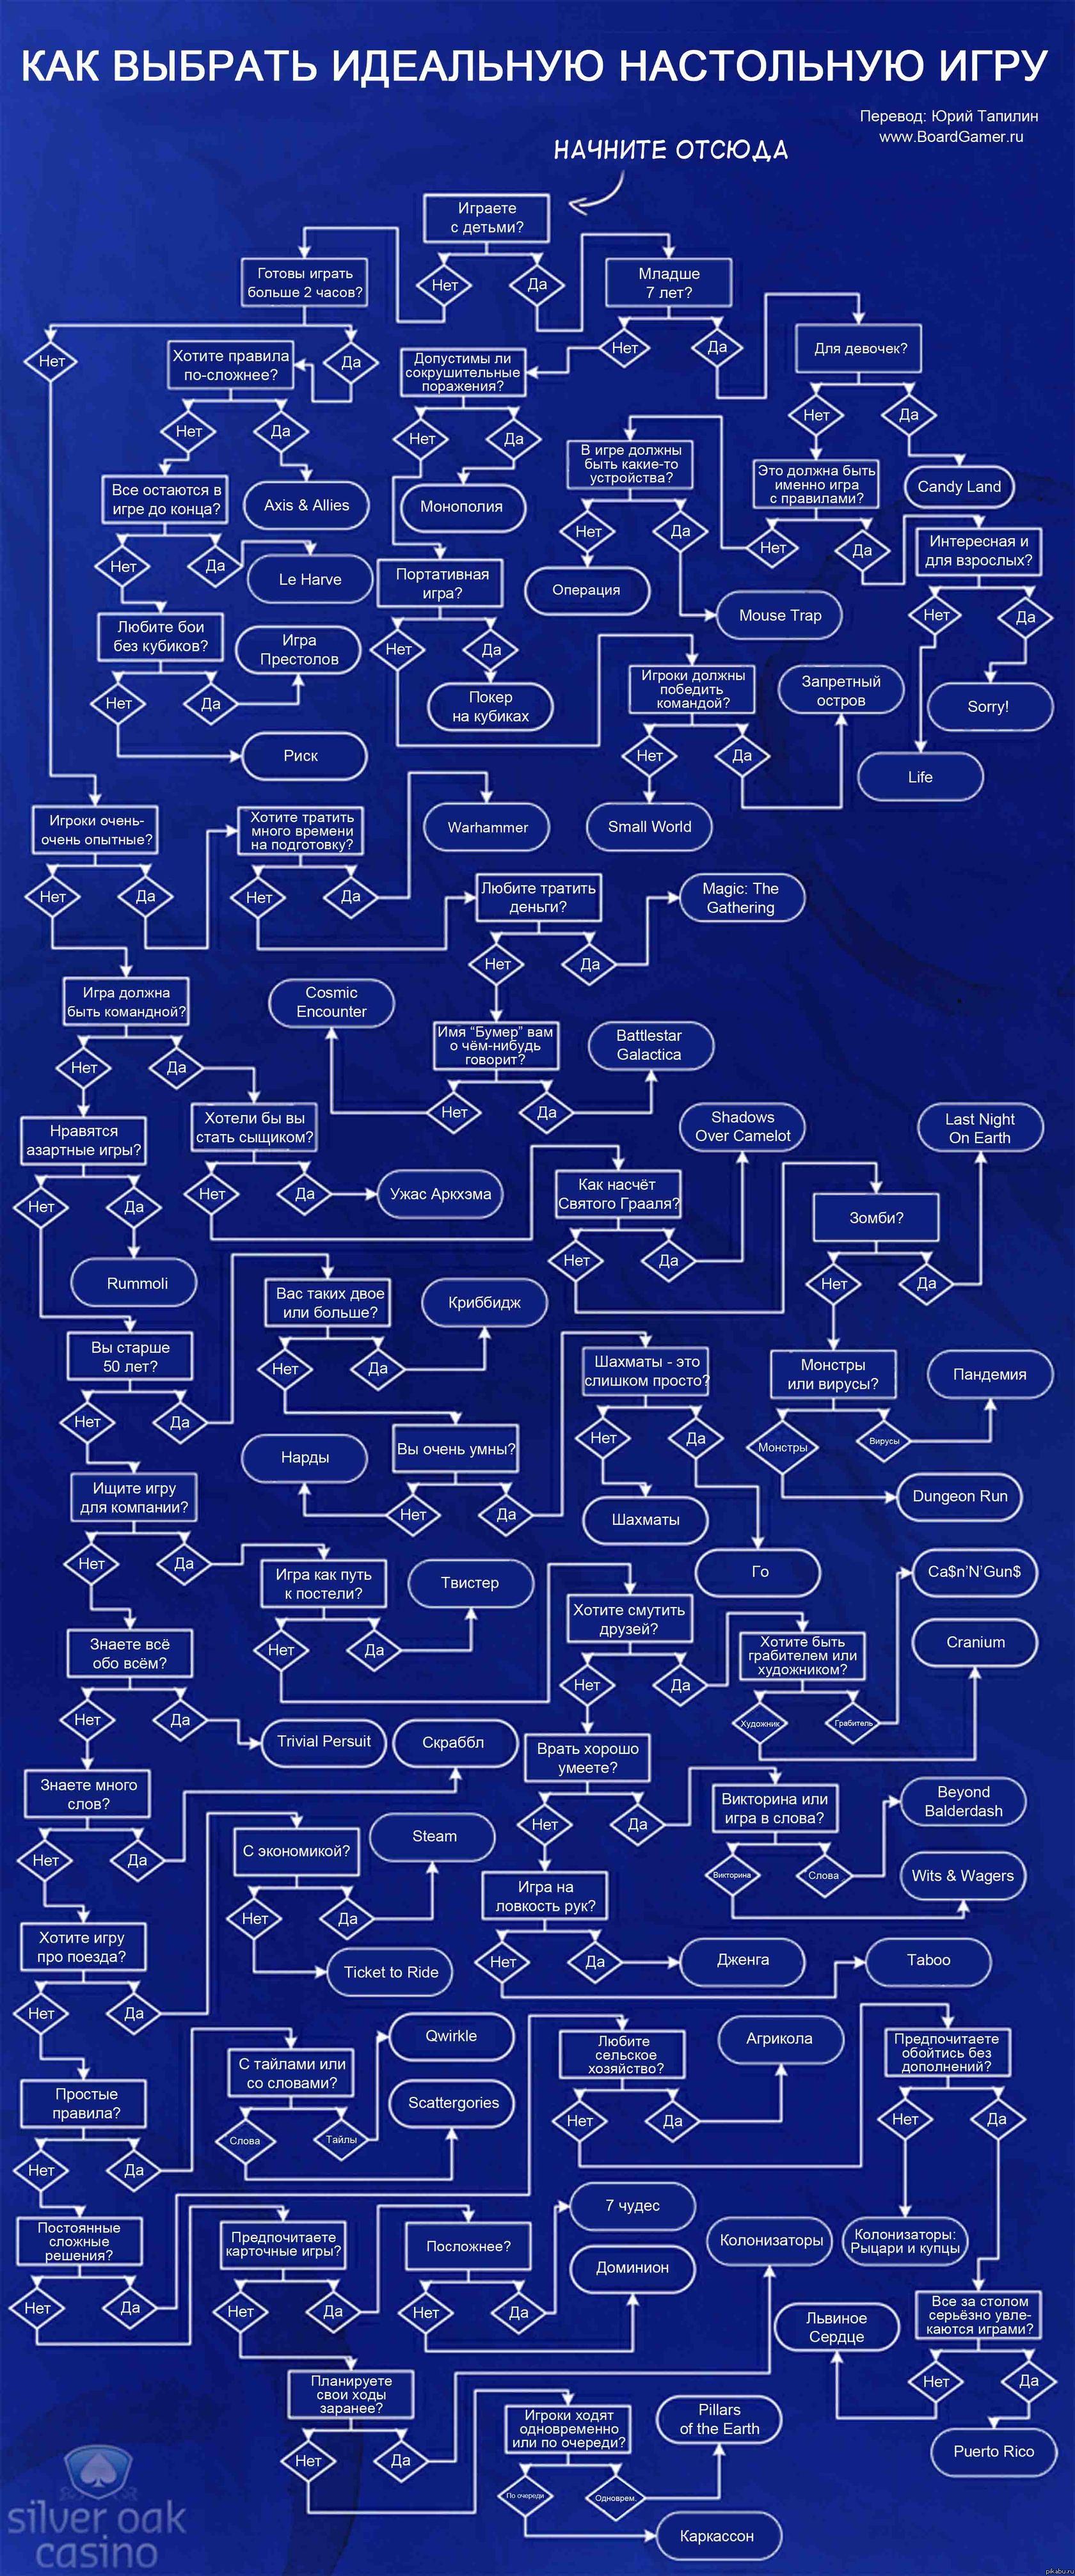 Как выбрать настольную игру?